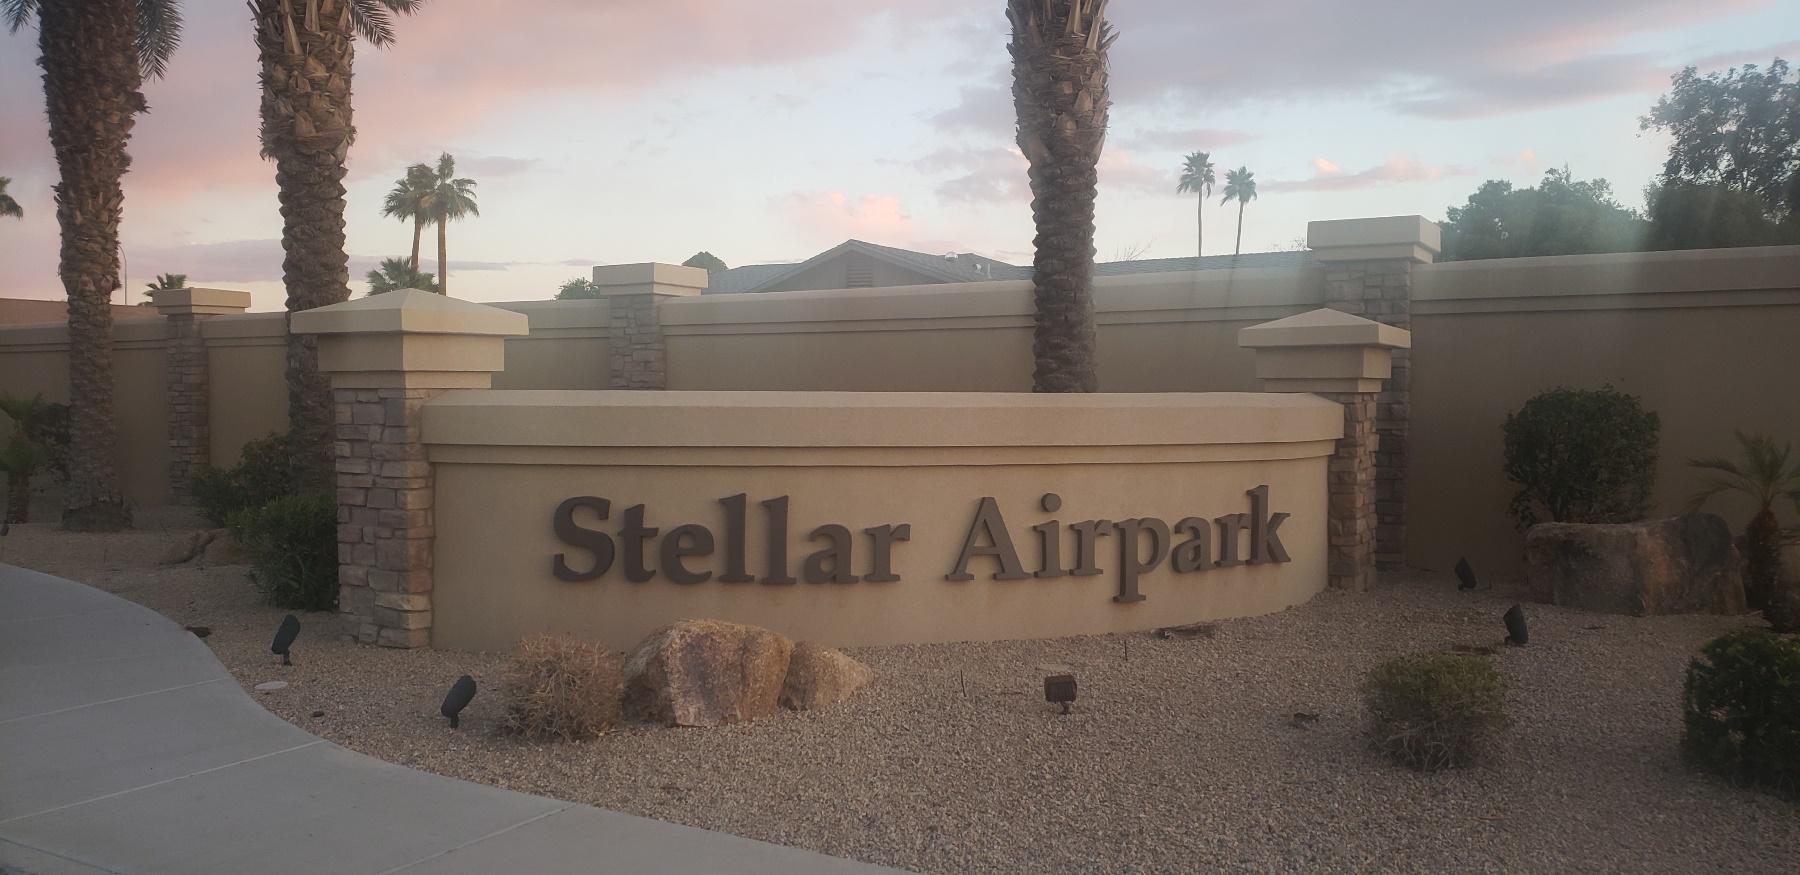 Stellar Airpark Sign